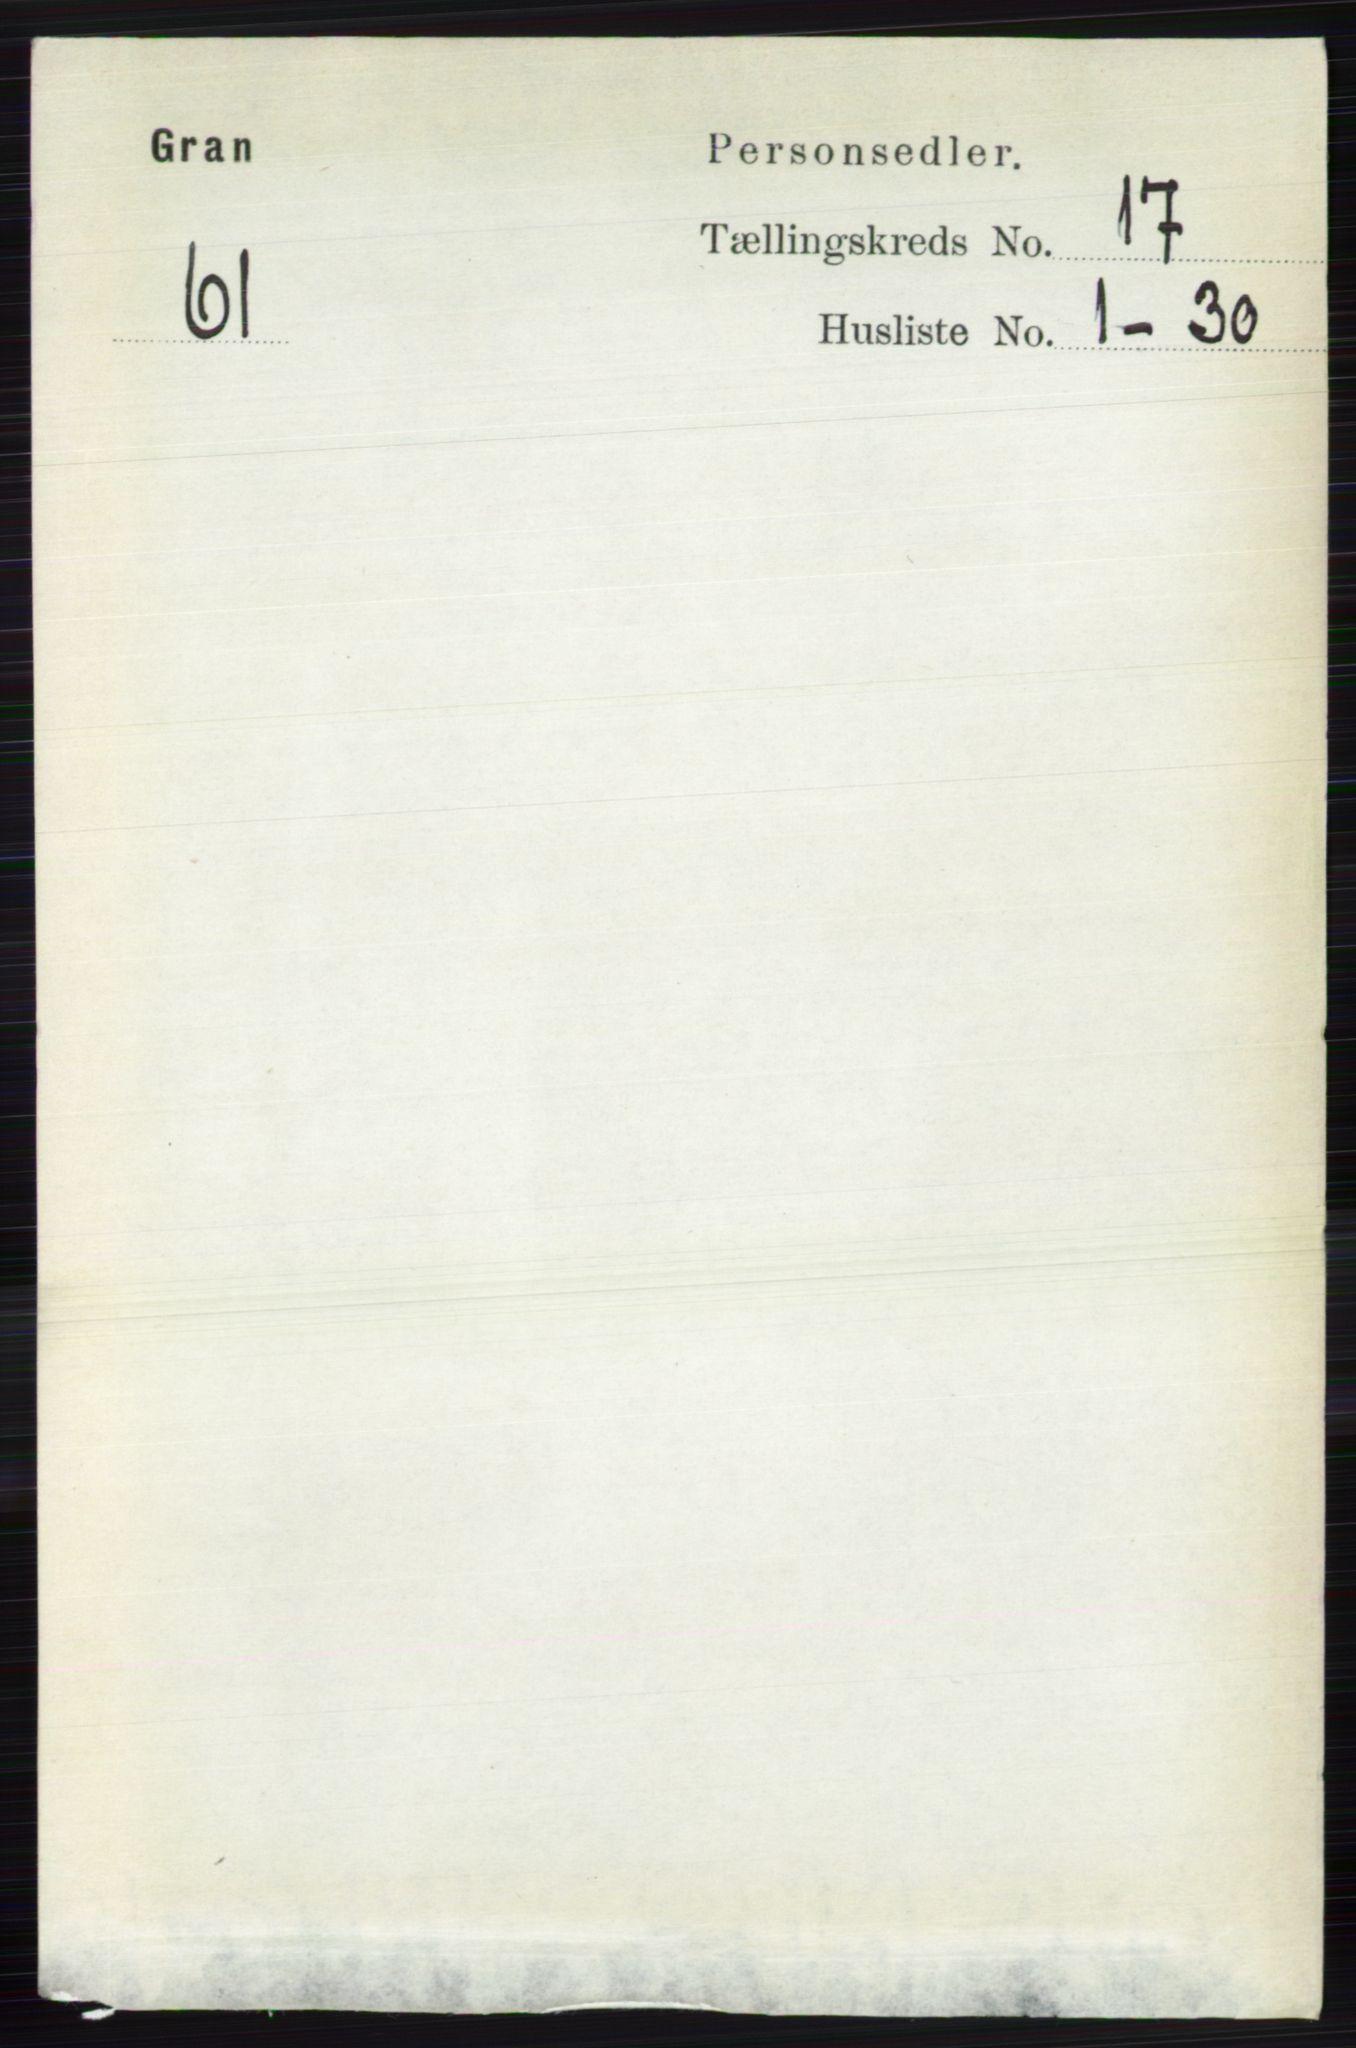 RA, Folketelling 1891 for 0534 Gran herred, 1891, s. 8735